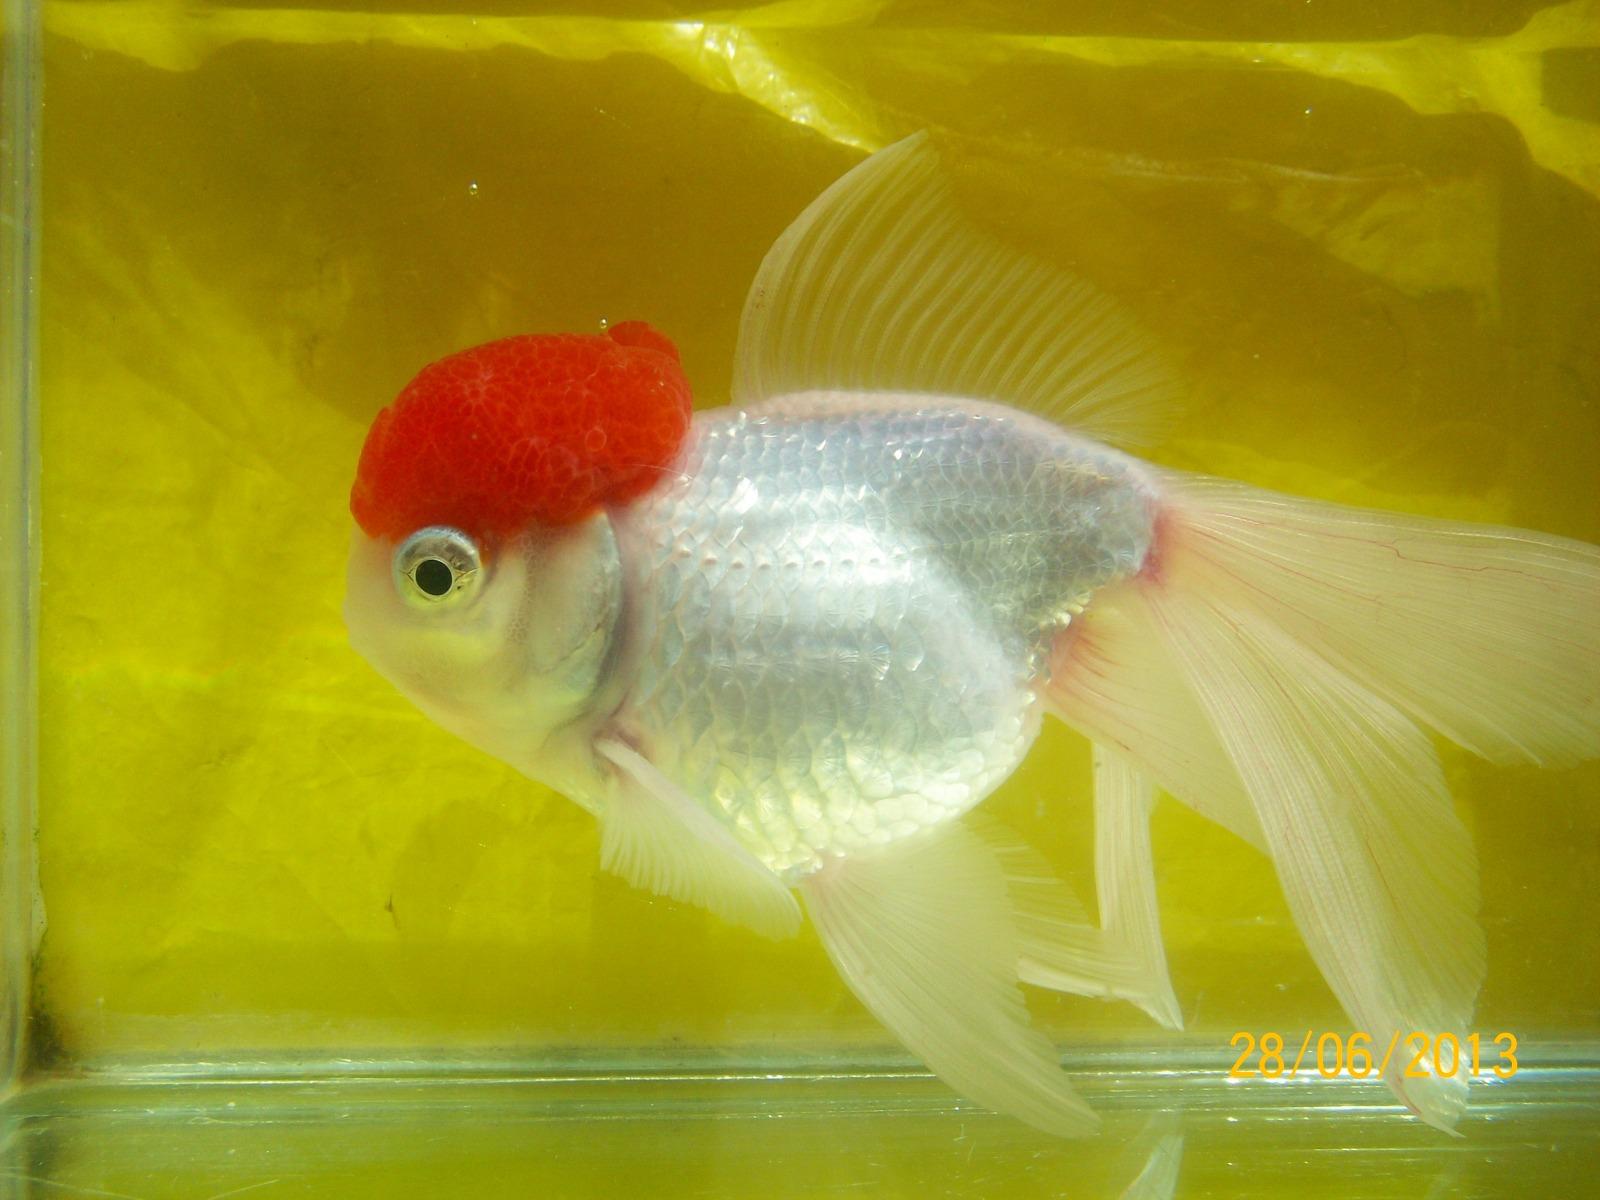 Mi goldfisfh boina roja se blanqueo 2mflfb